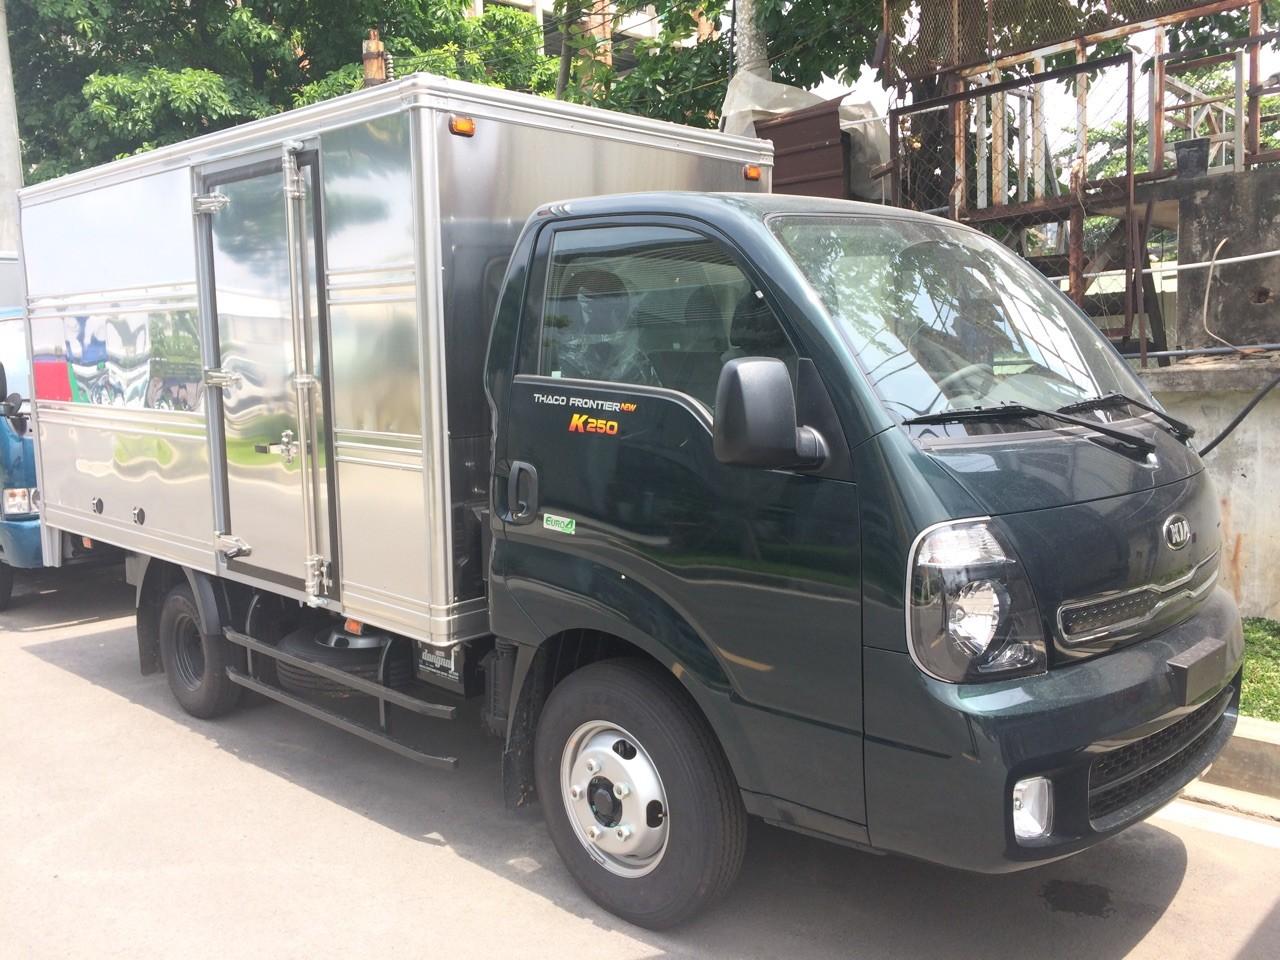 Bán xe tải Thaco k250 New Frontier 2018. Giá cạnh tranh Thaco An Sương Chất lượng 2018 Ảnh số 41949304